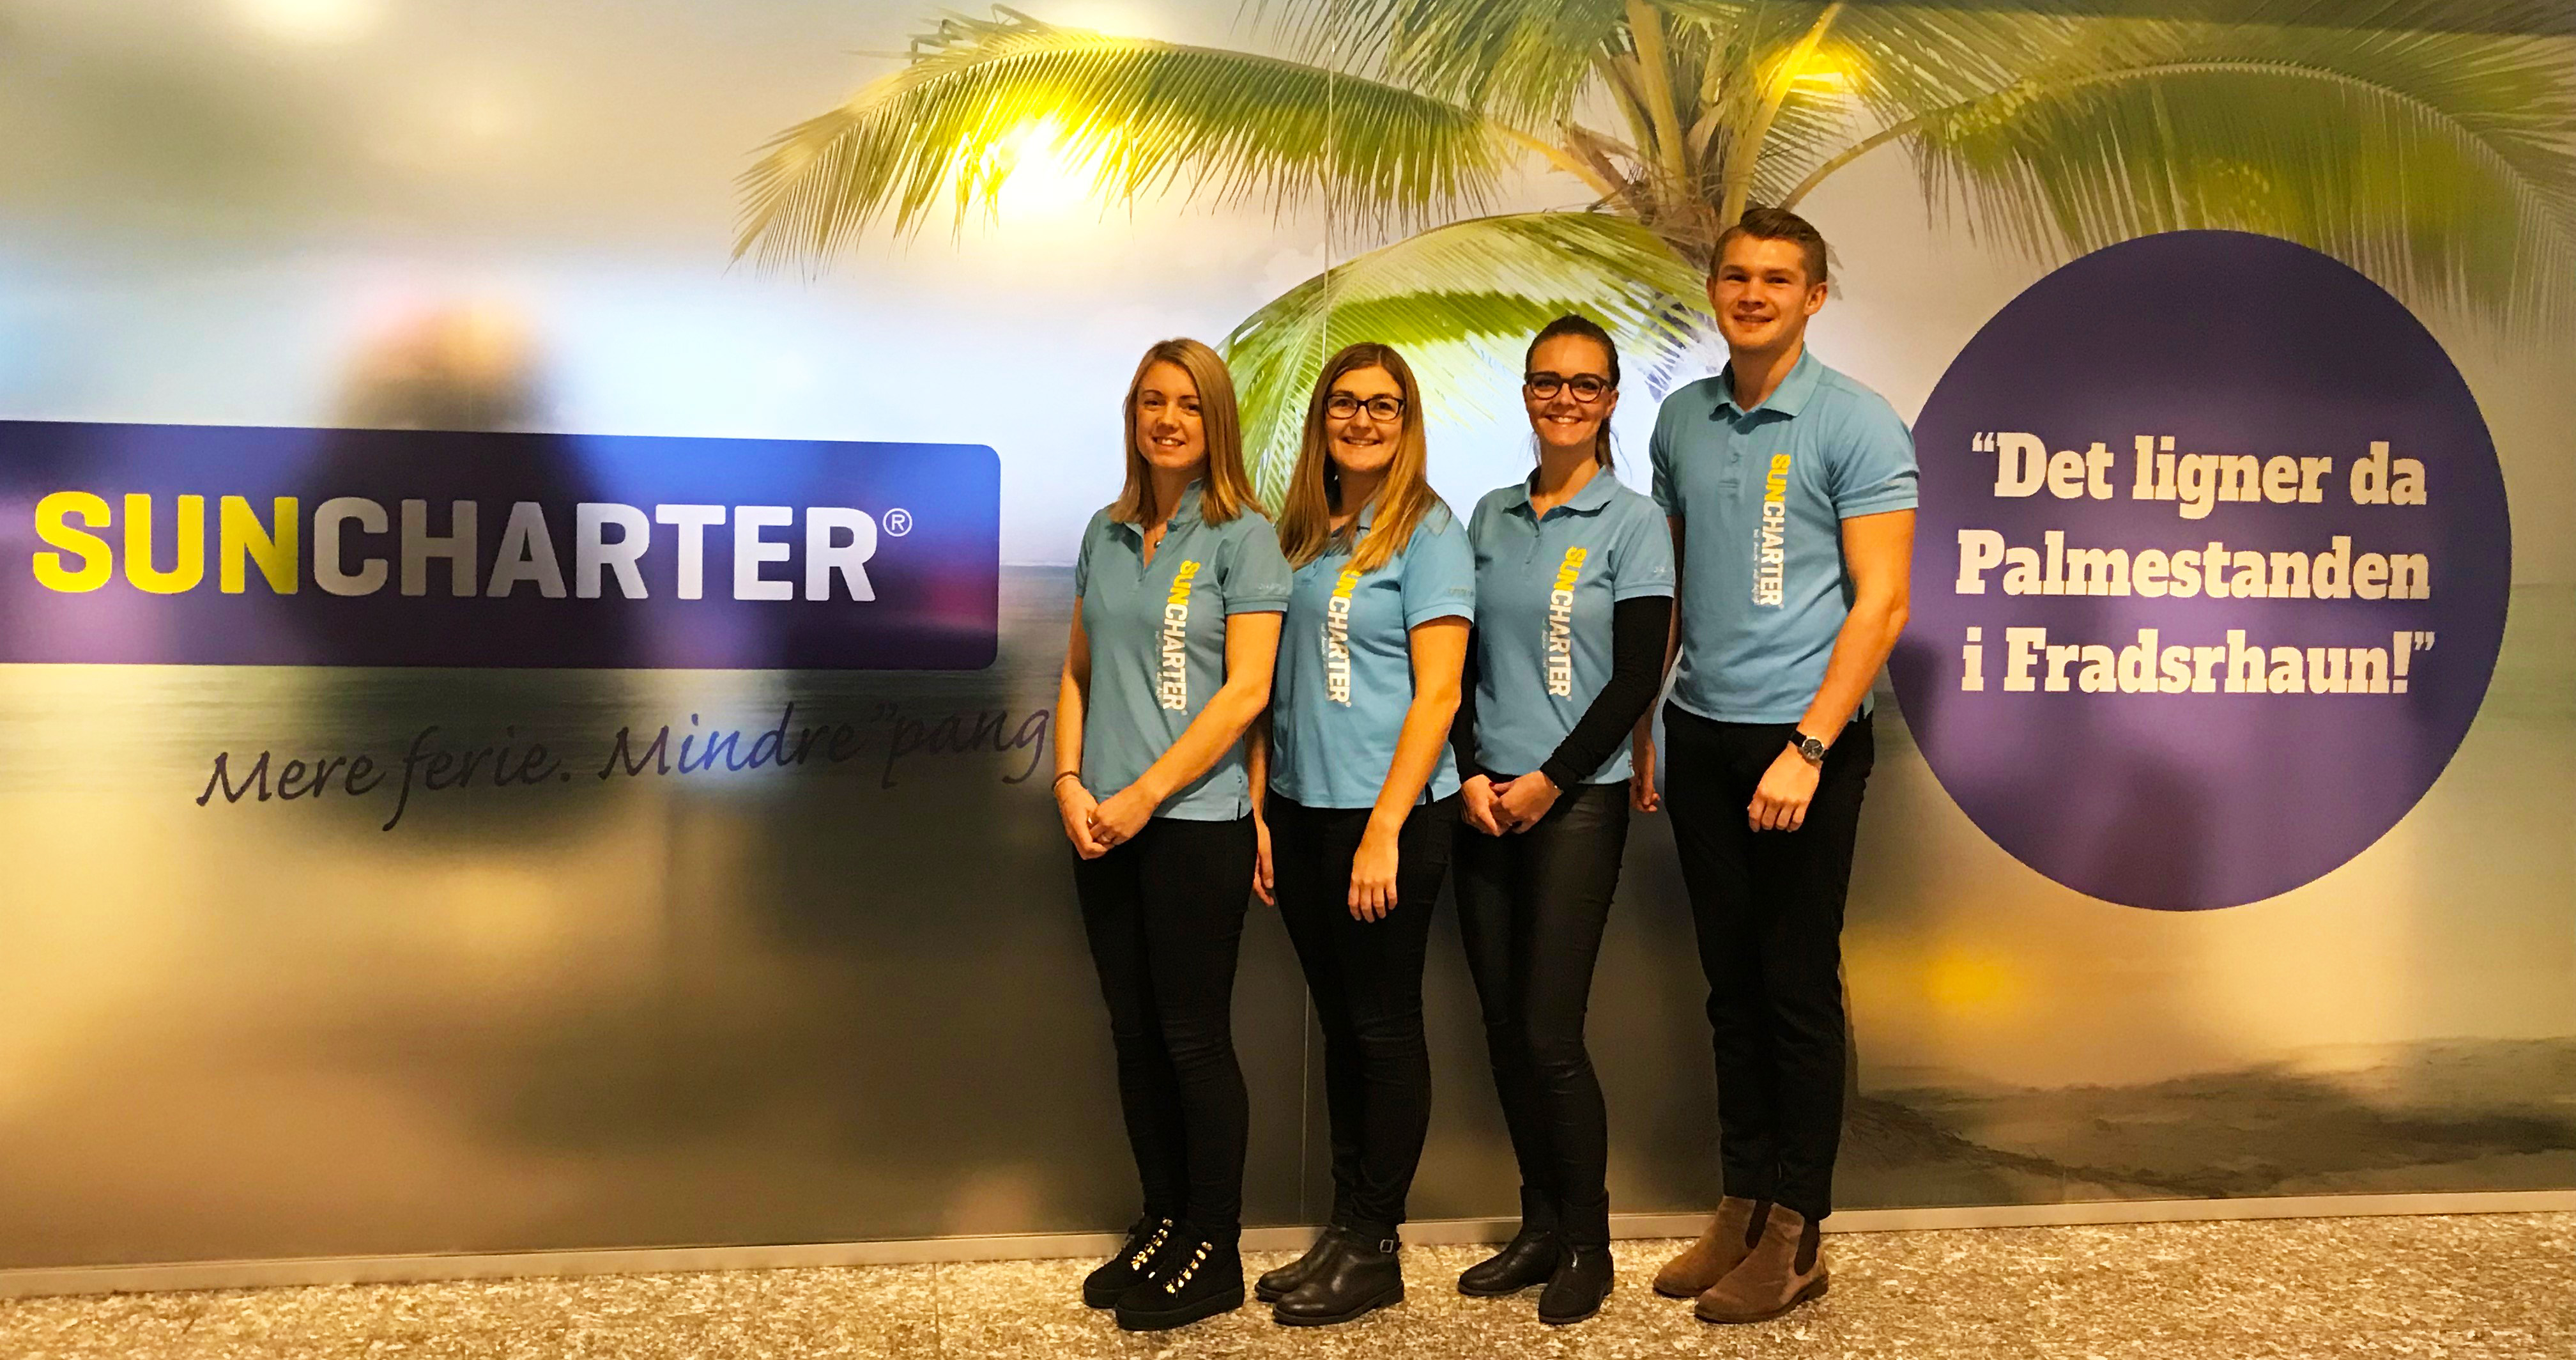 SunCharter-ansatte foran bureauets salgskontor i Aalborg Lufthavn, fra venstre Nanna Kathrine Nedergaard, Marlene Jensen, Lotte Kjær Lynggaard og Jonas Kock Kristensen. Foto: SunCharter.